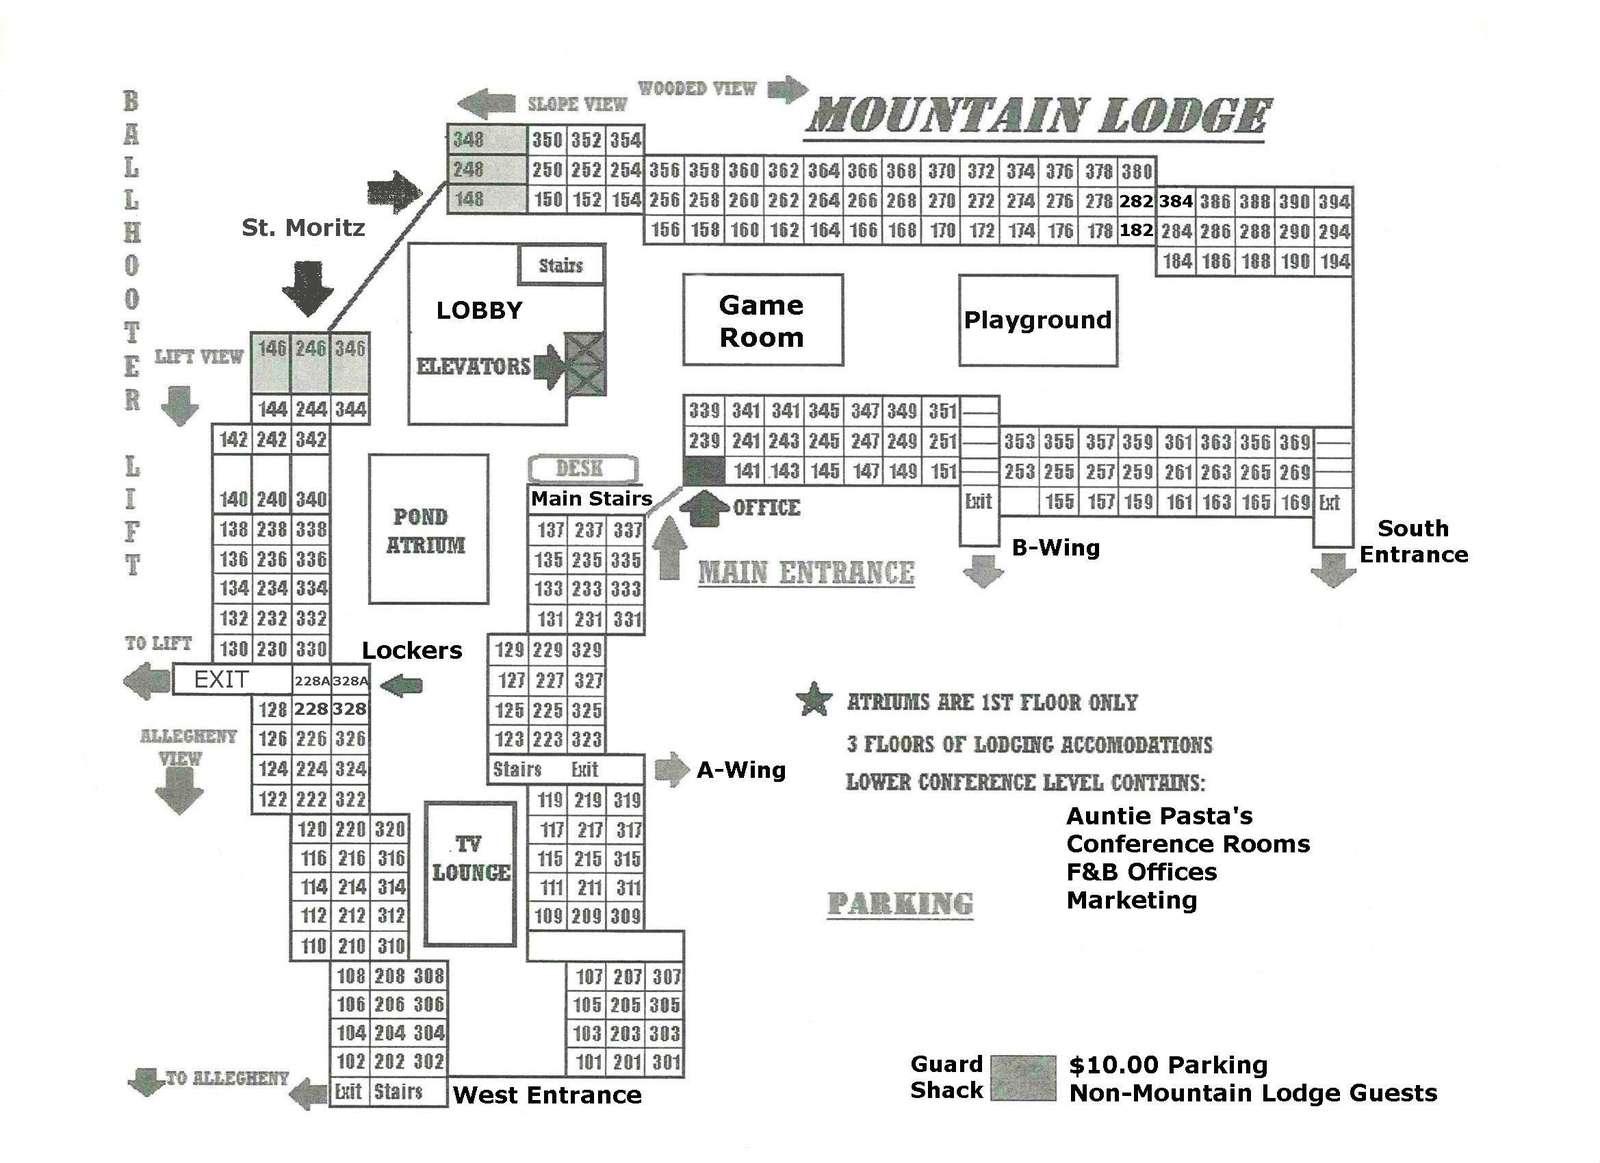 Floor plan of ML